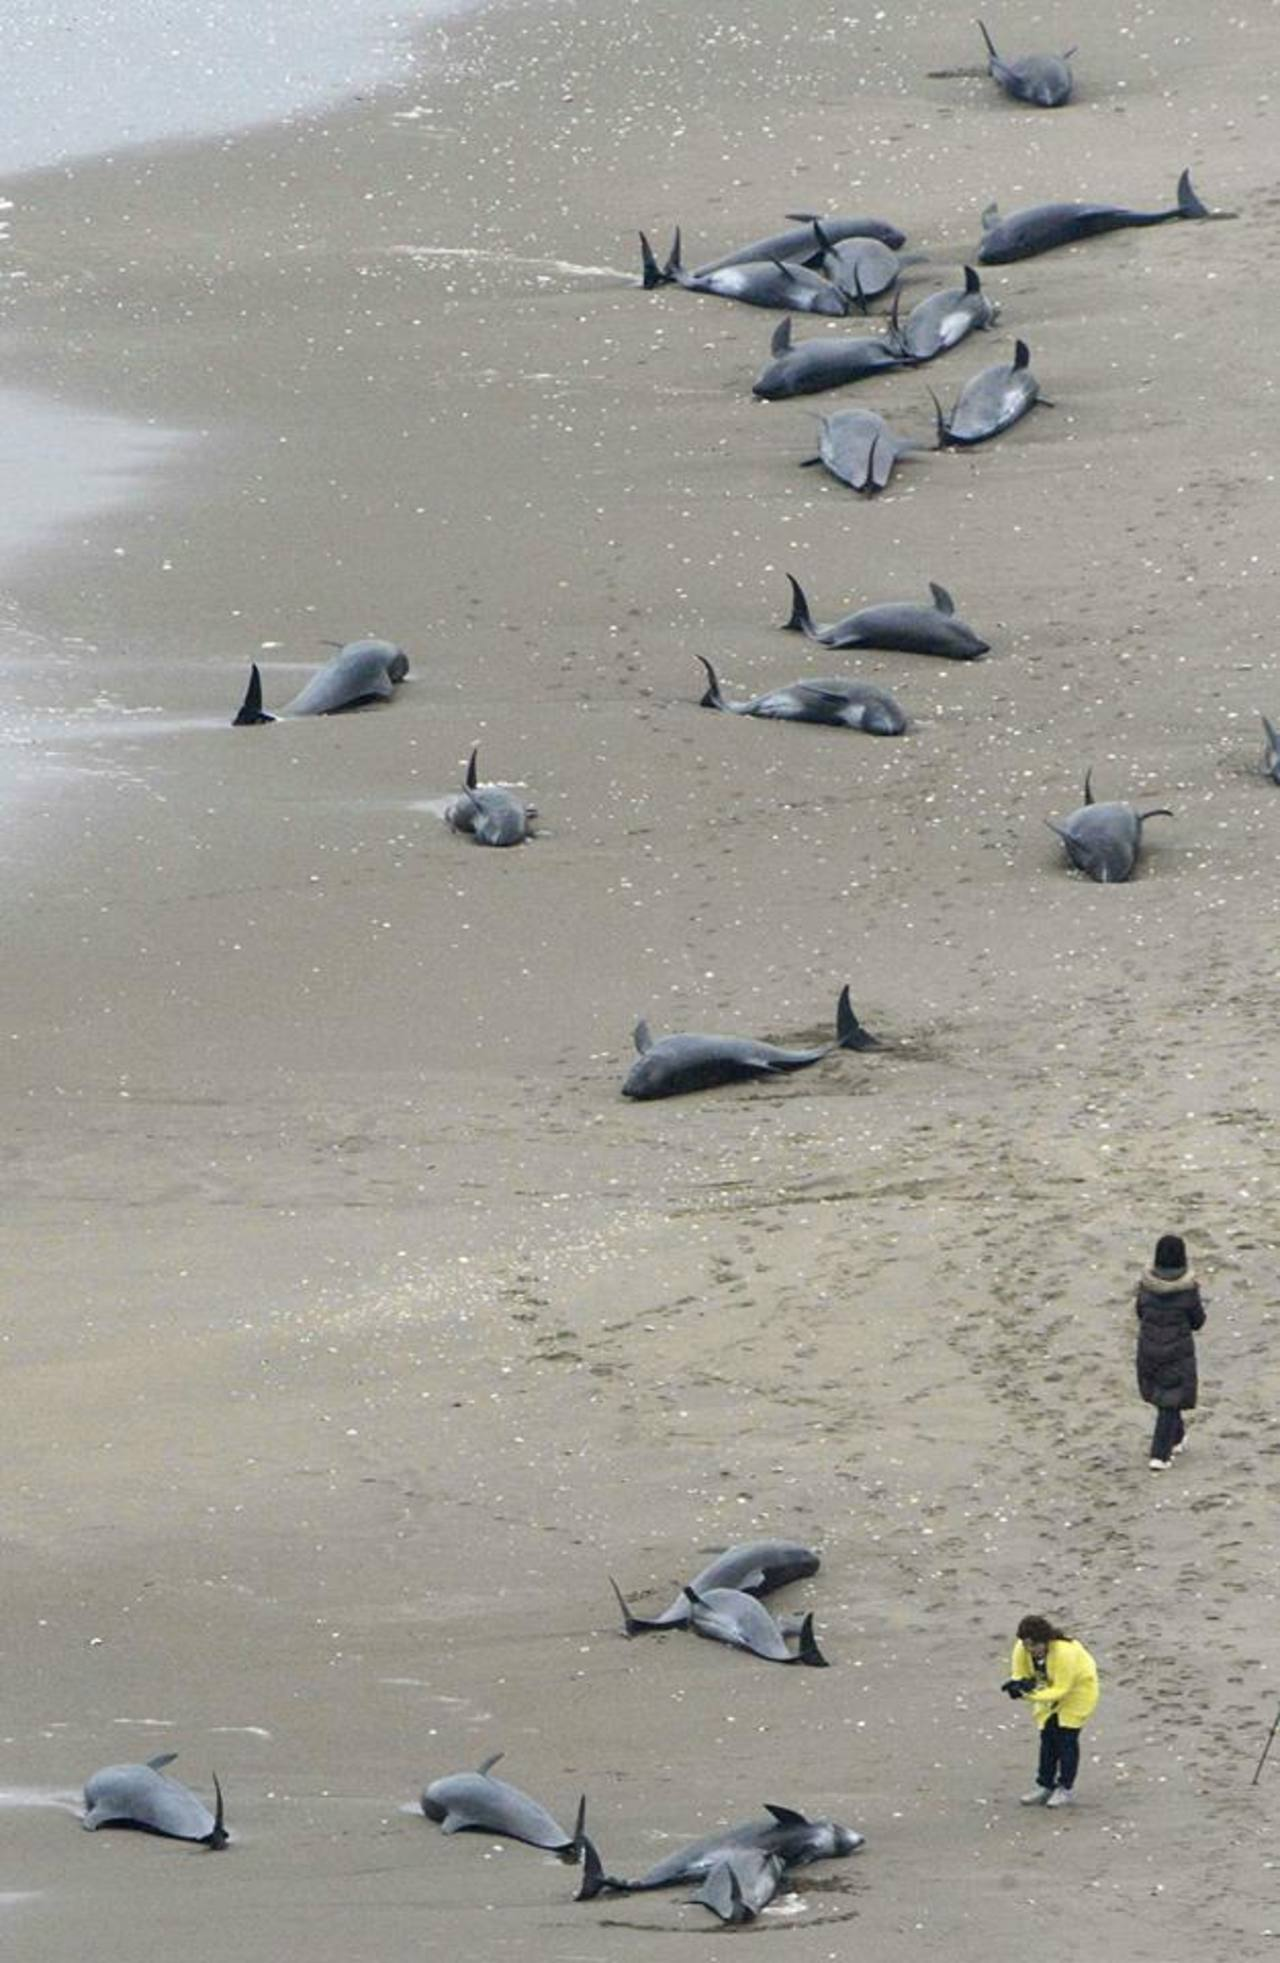 Aparecen varados 150 delfines en una playa de Japón